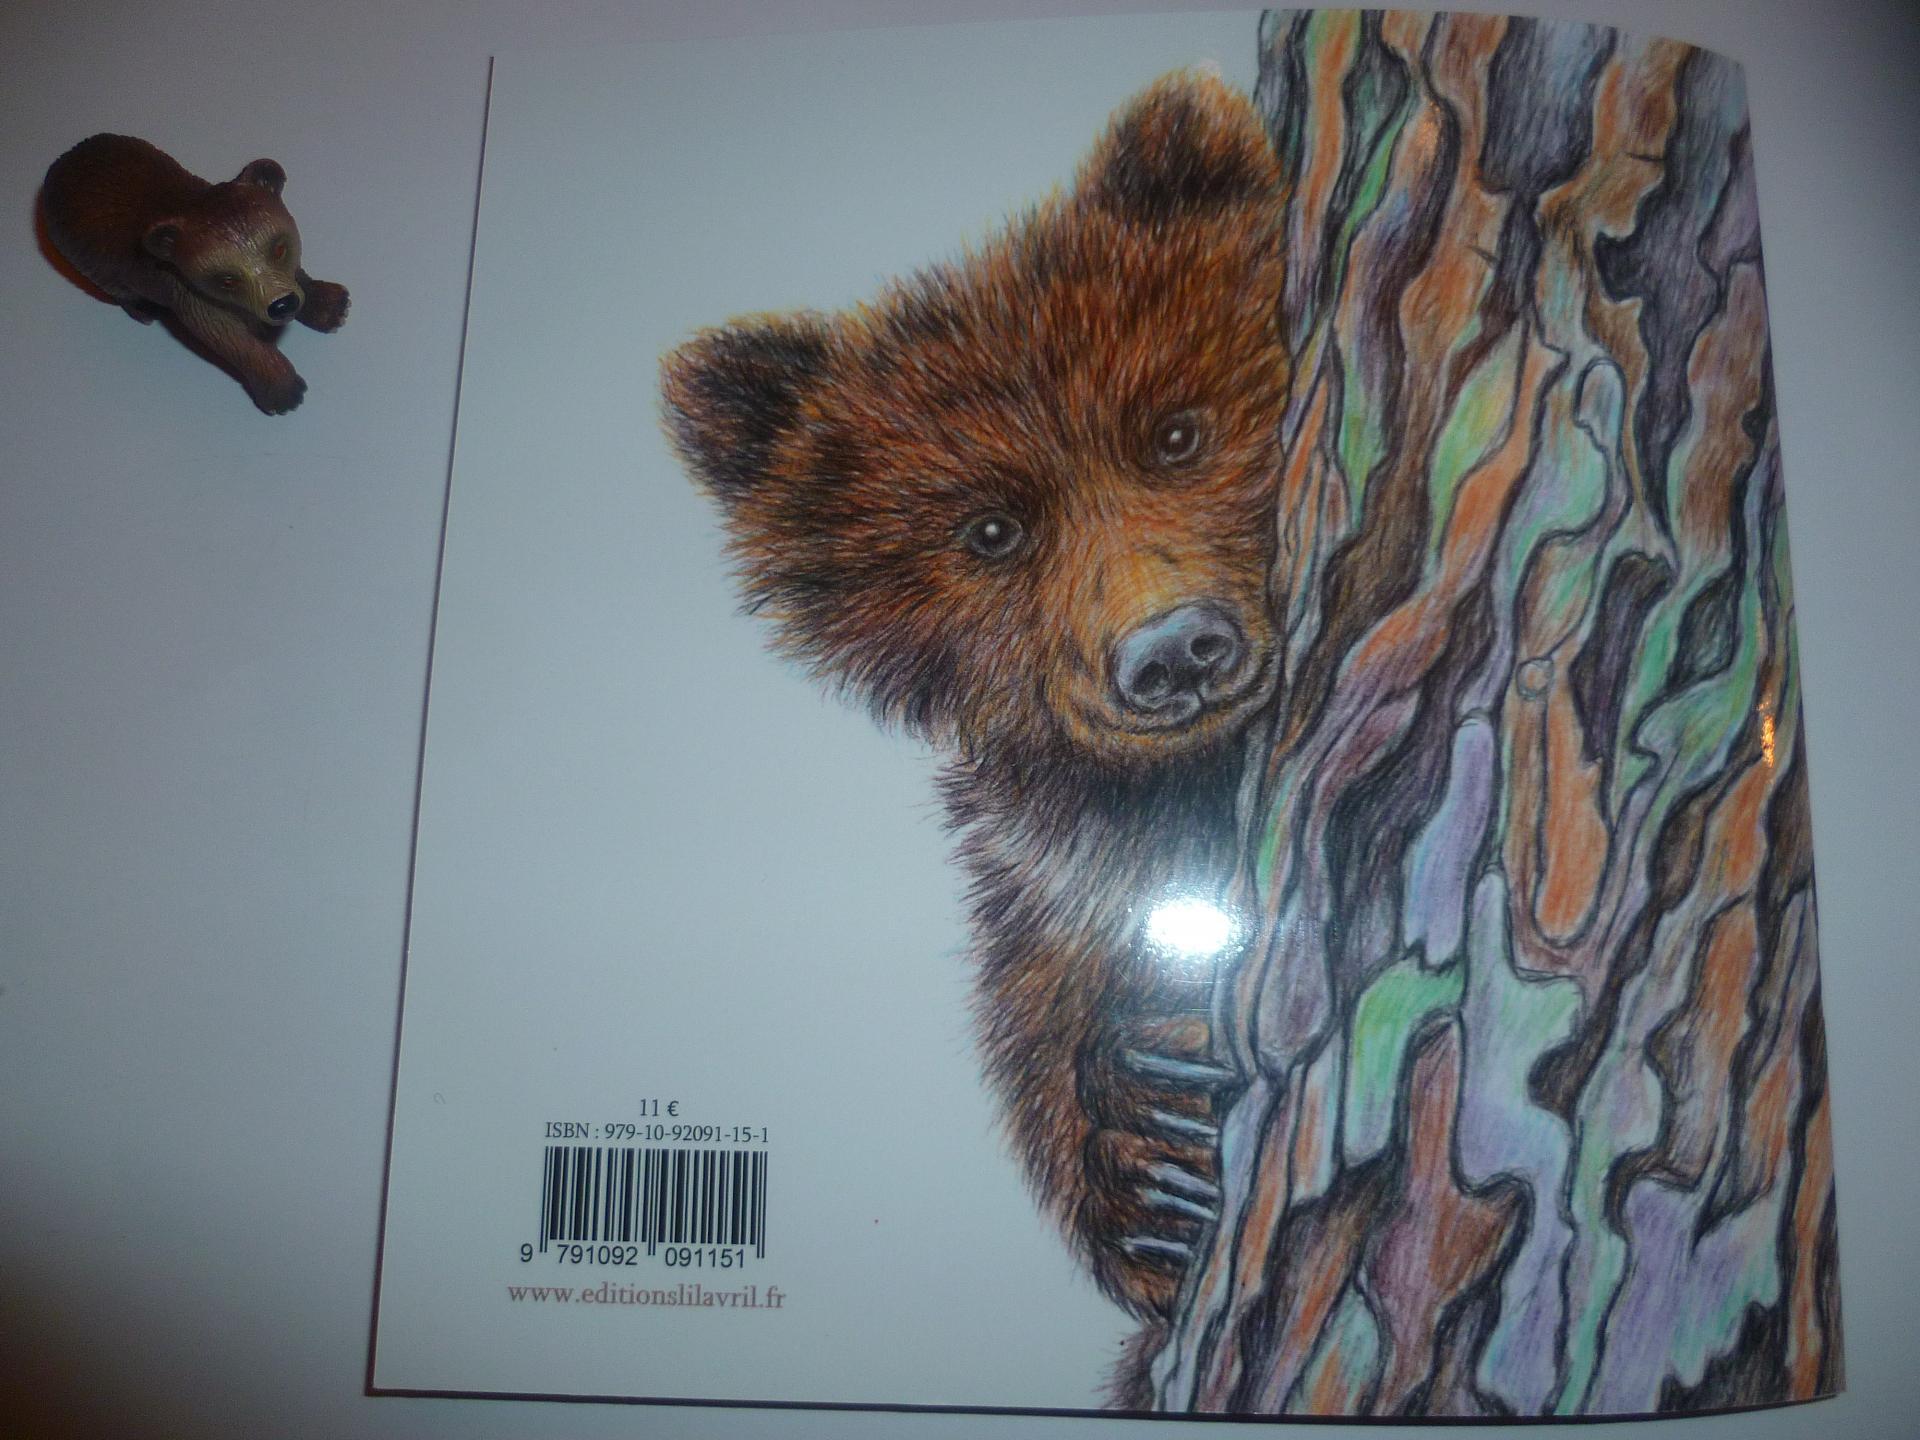 Un ourson sur un arbre